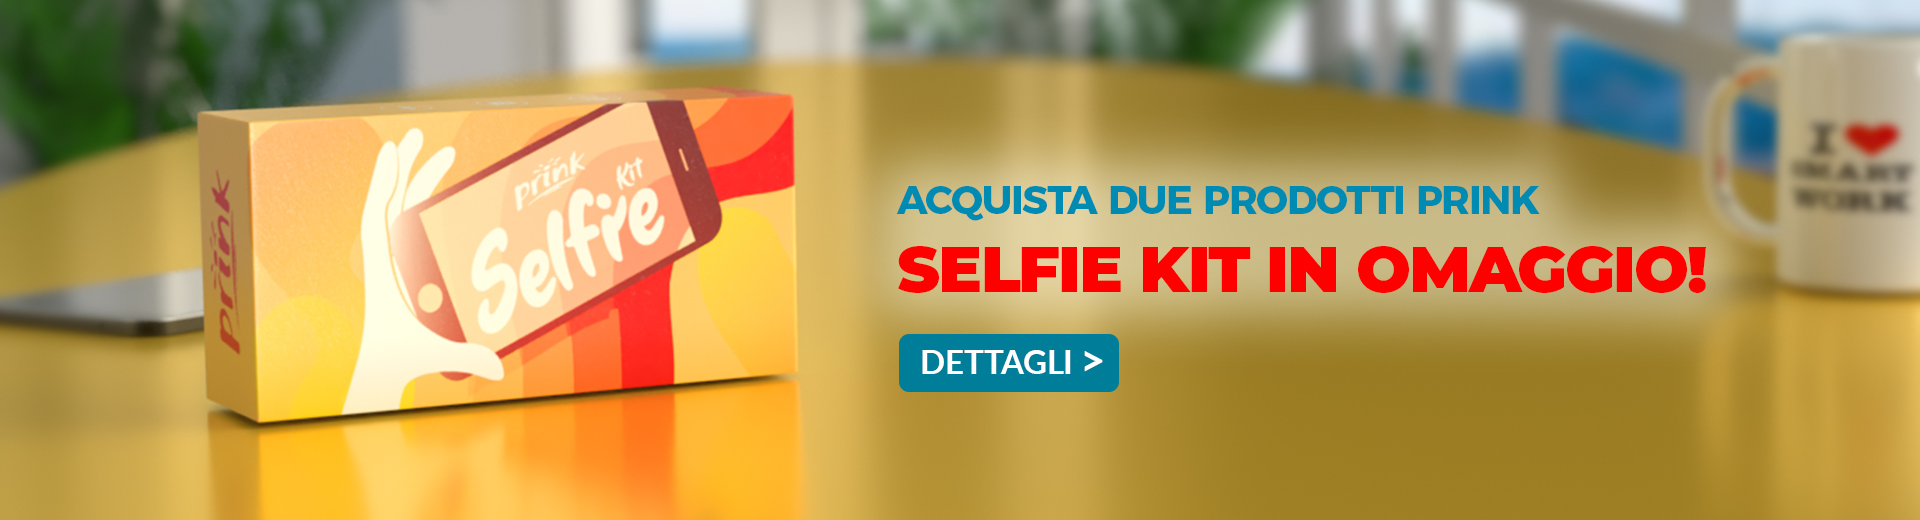 Selfie Kit in omaggio